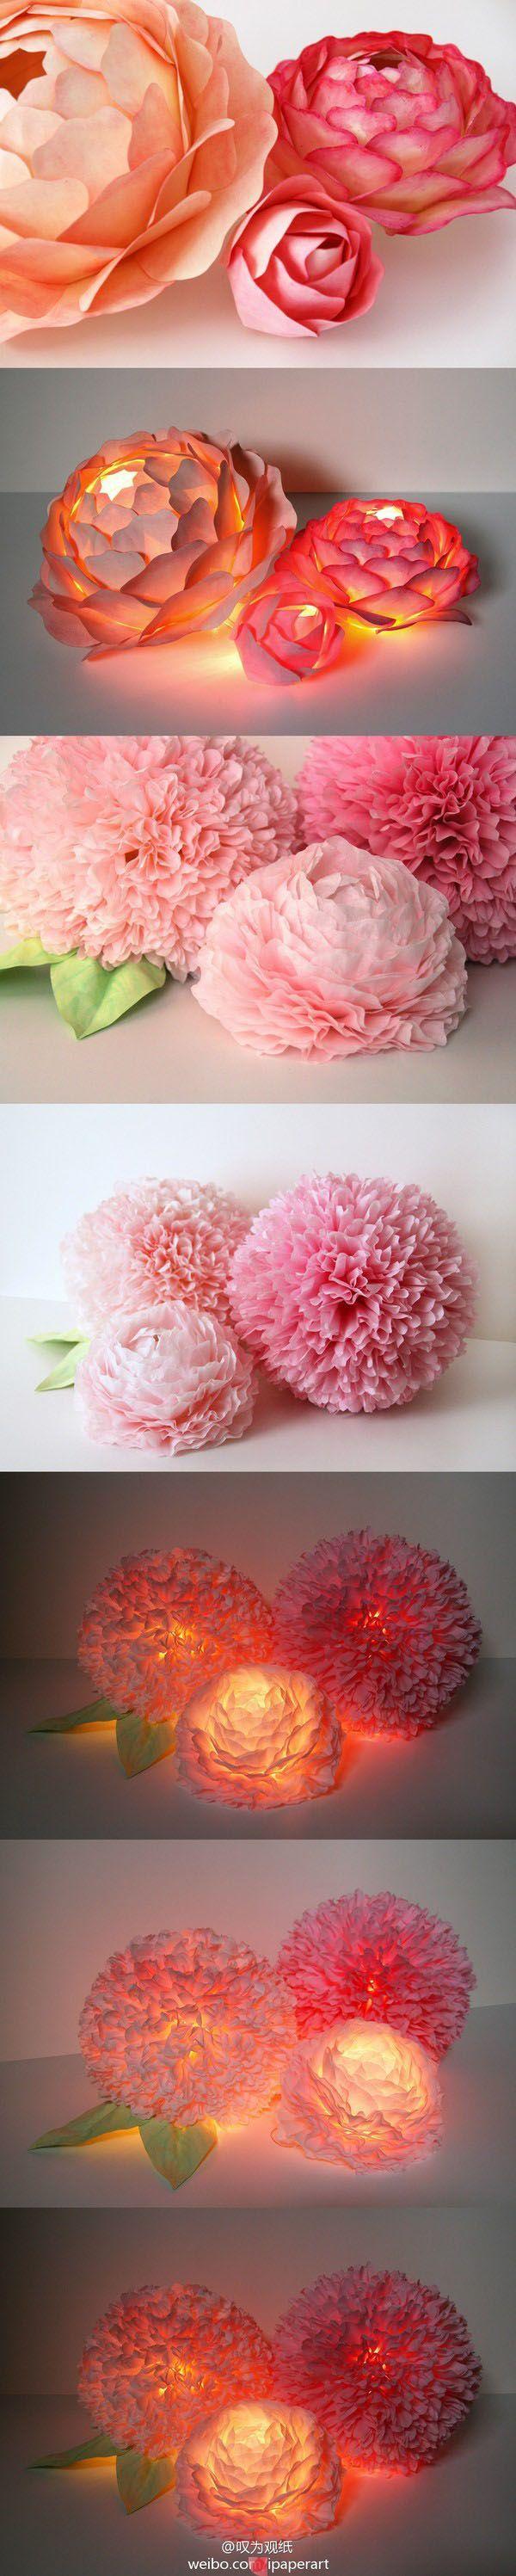 Handmade wedding decorations paper  DIY Handmade Paper Flower Art  FLORES DE PAPEL  Pinterest  Flower